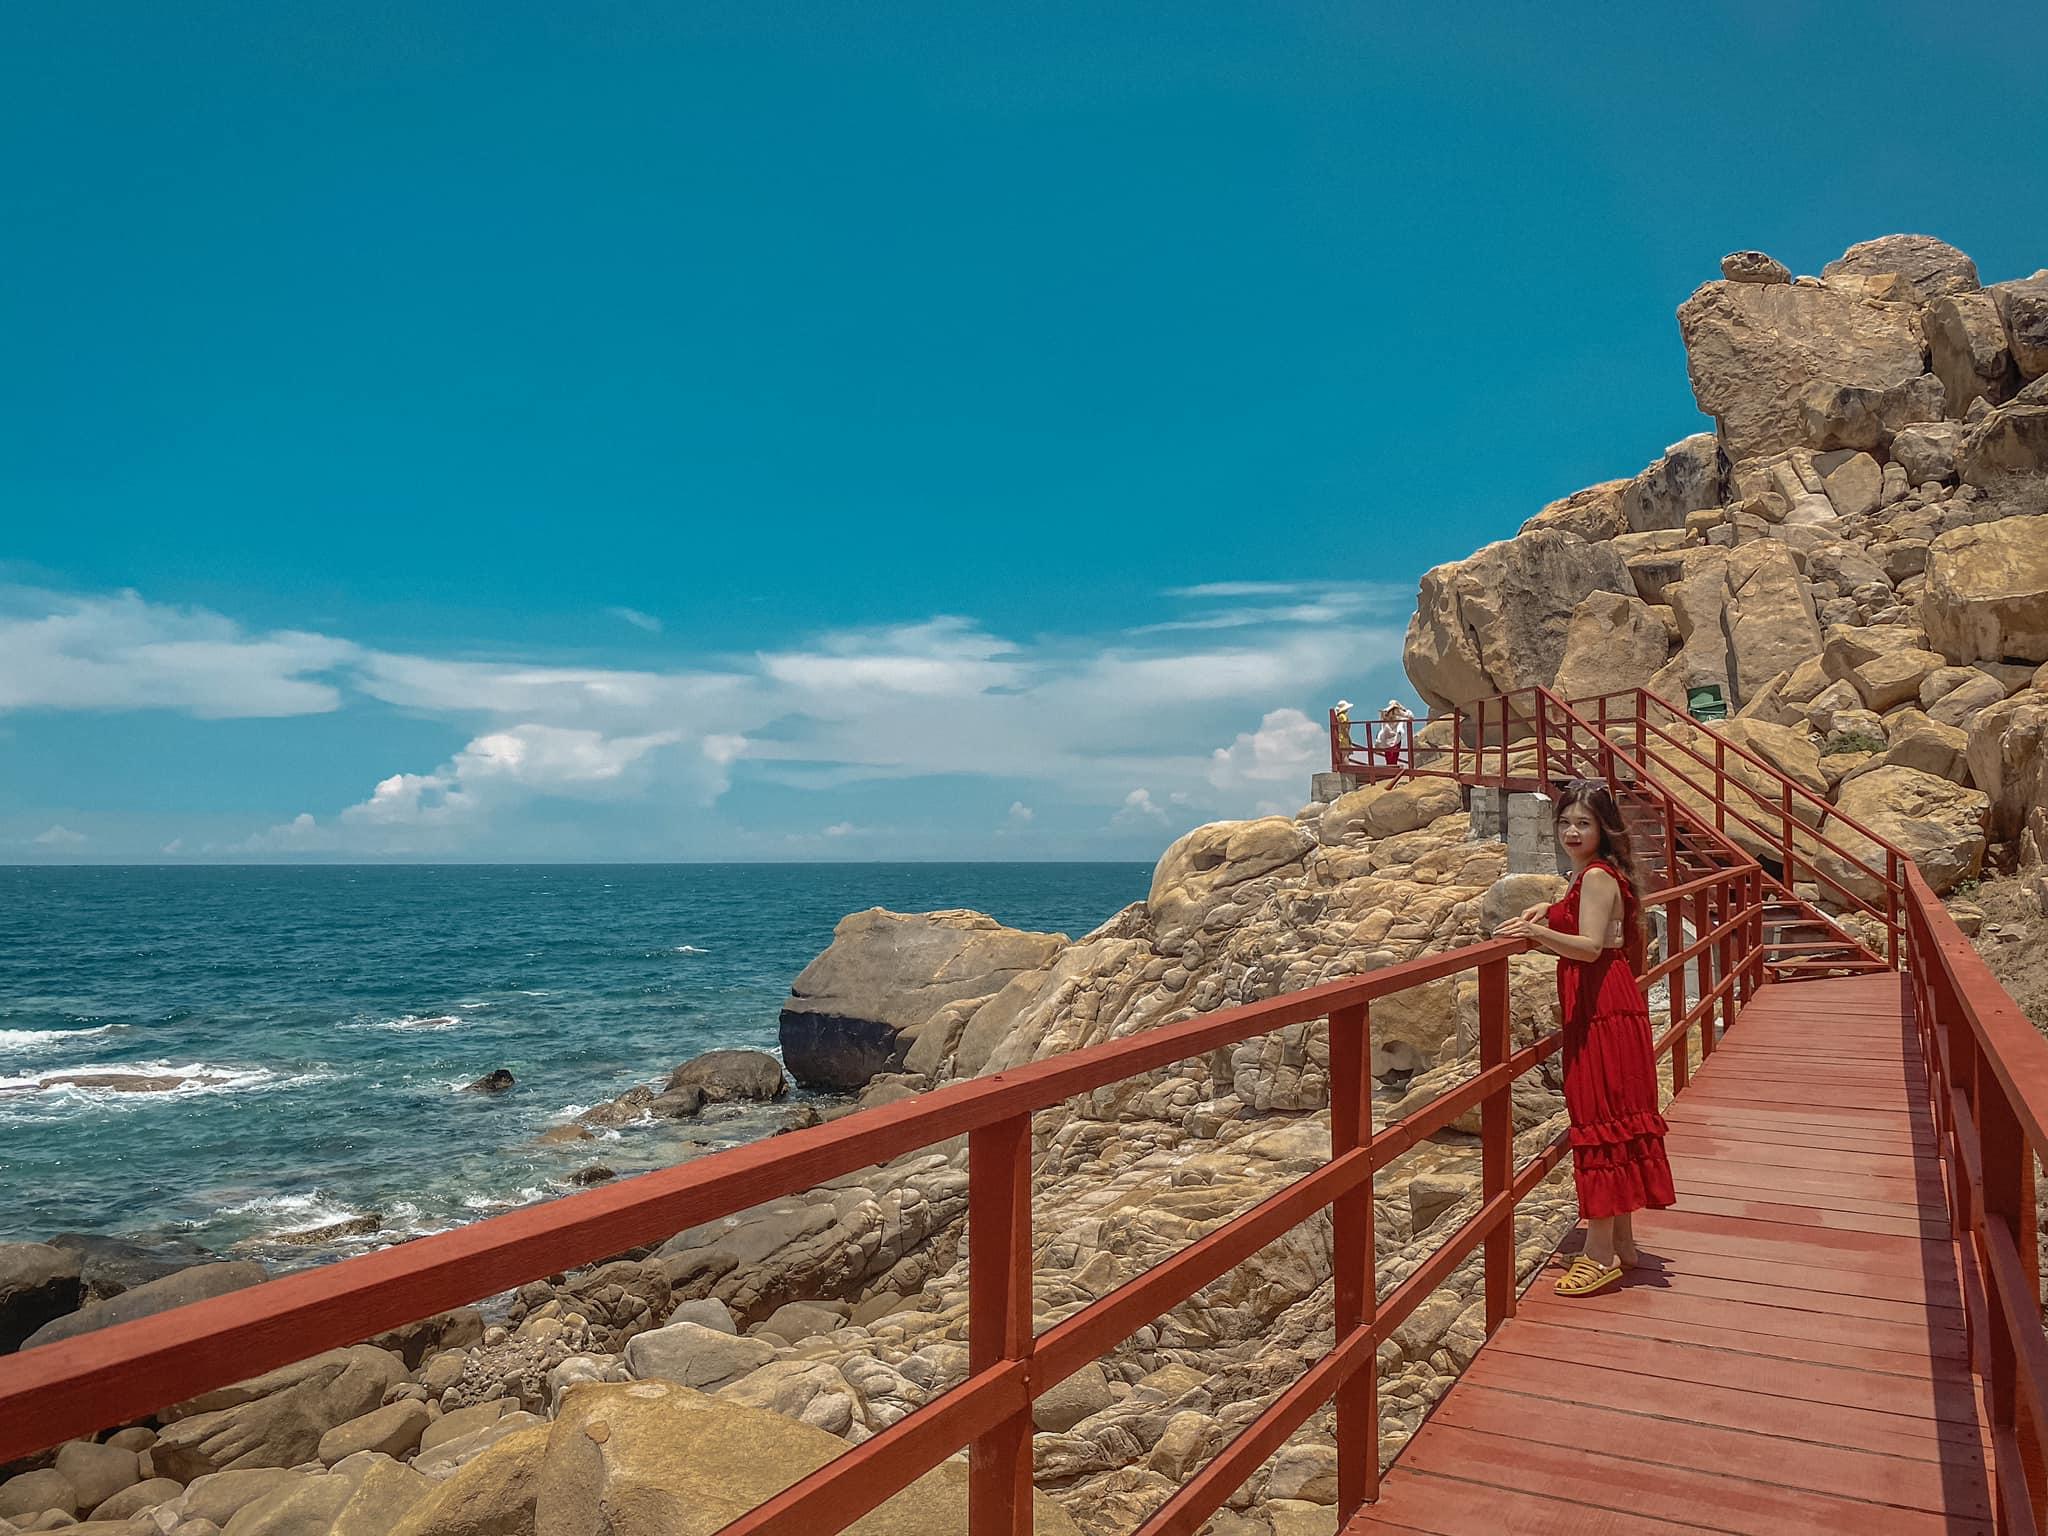 Tour du lịch Nha Trang khởi hành từ Hà Nội: Giảm giá sốc nhiều gói tour trong dịp hè này  - Ảnh 8.